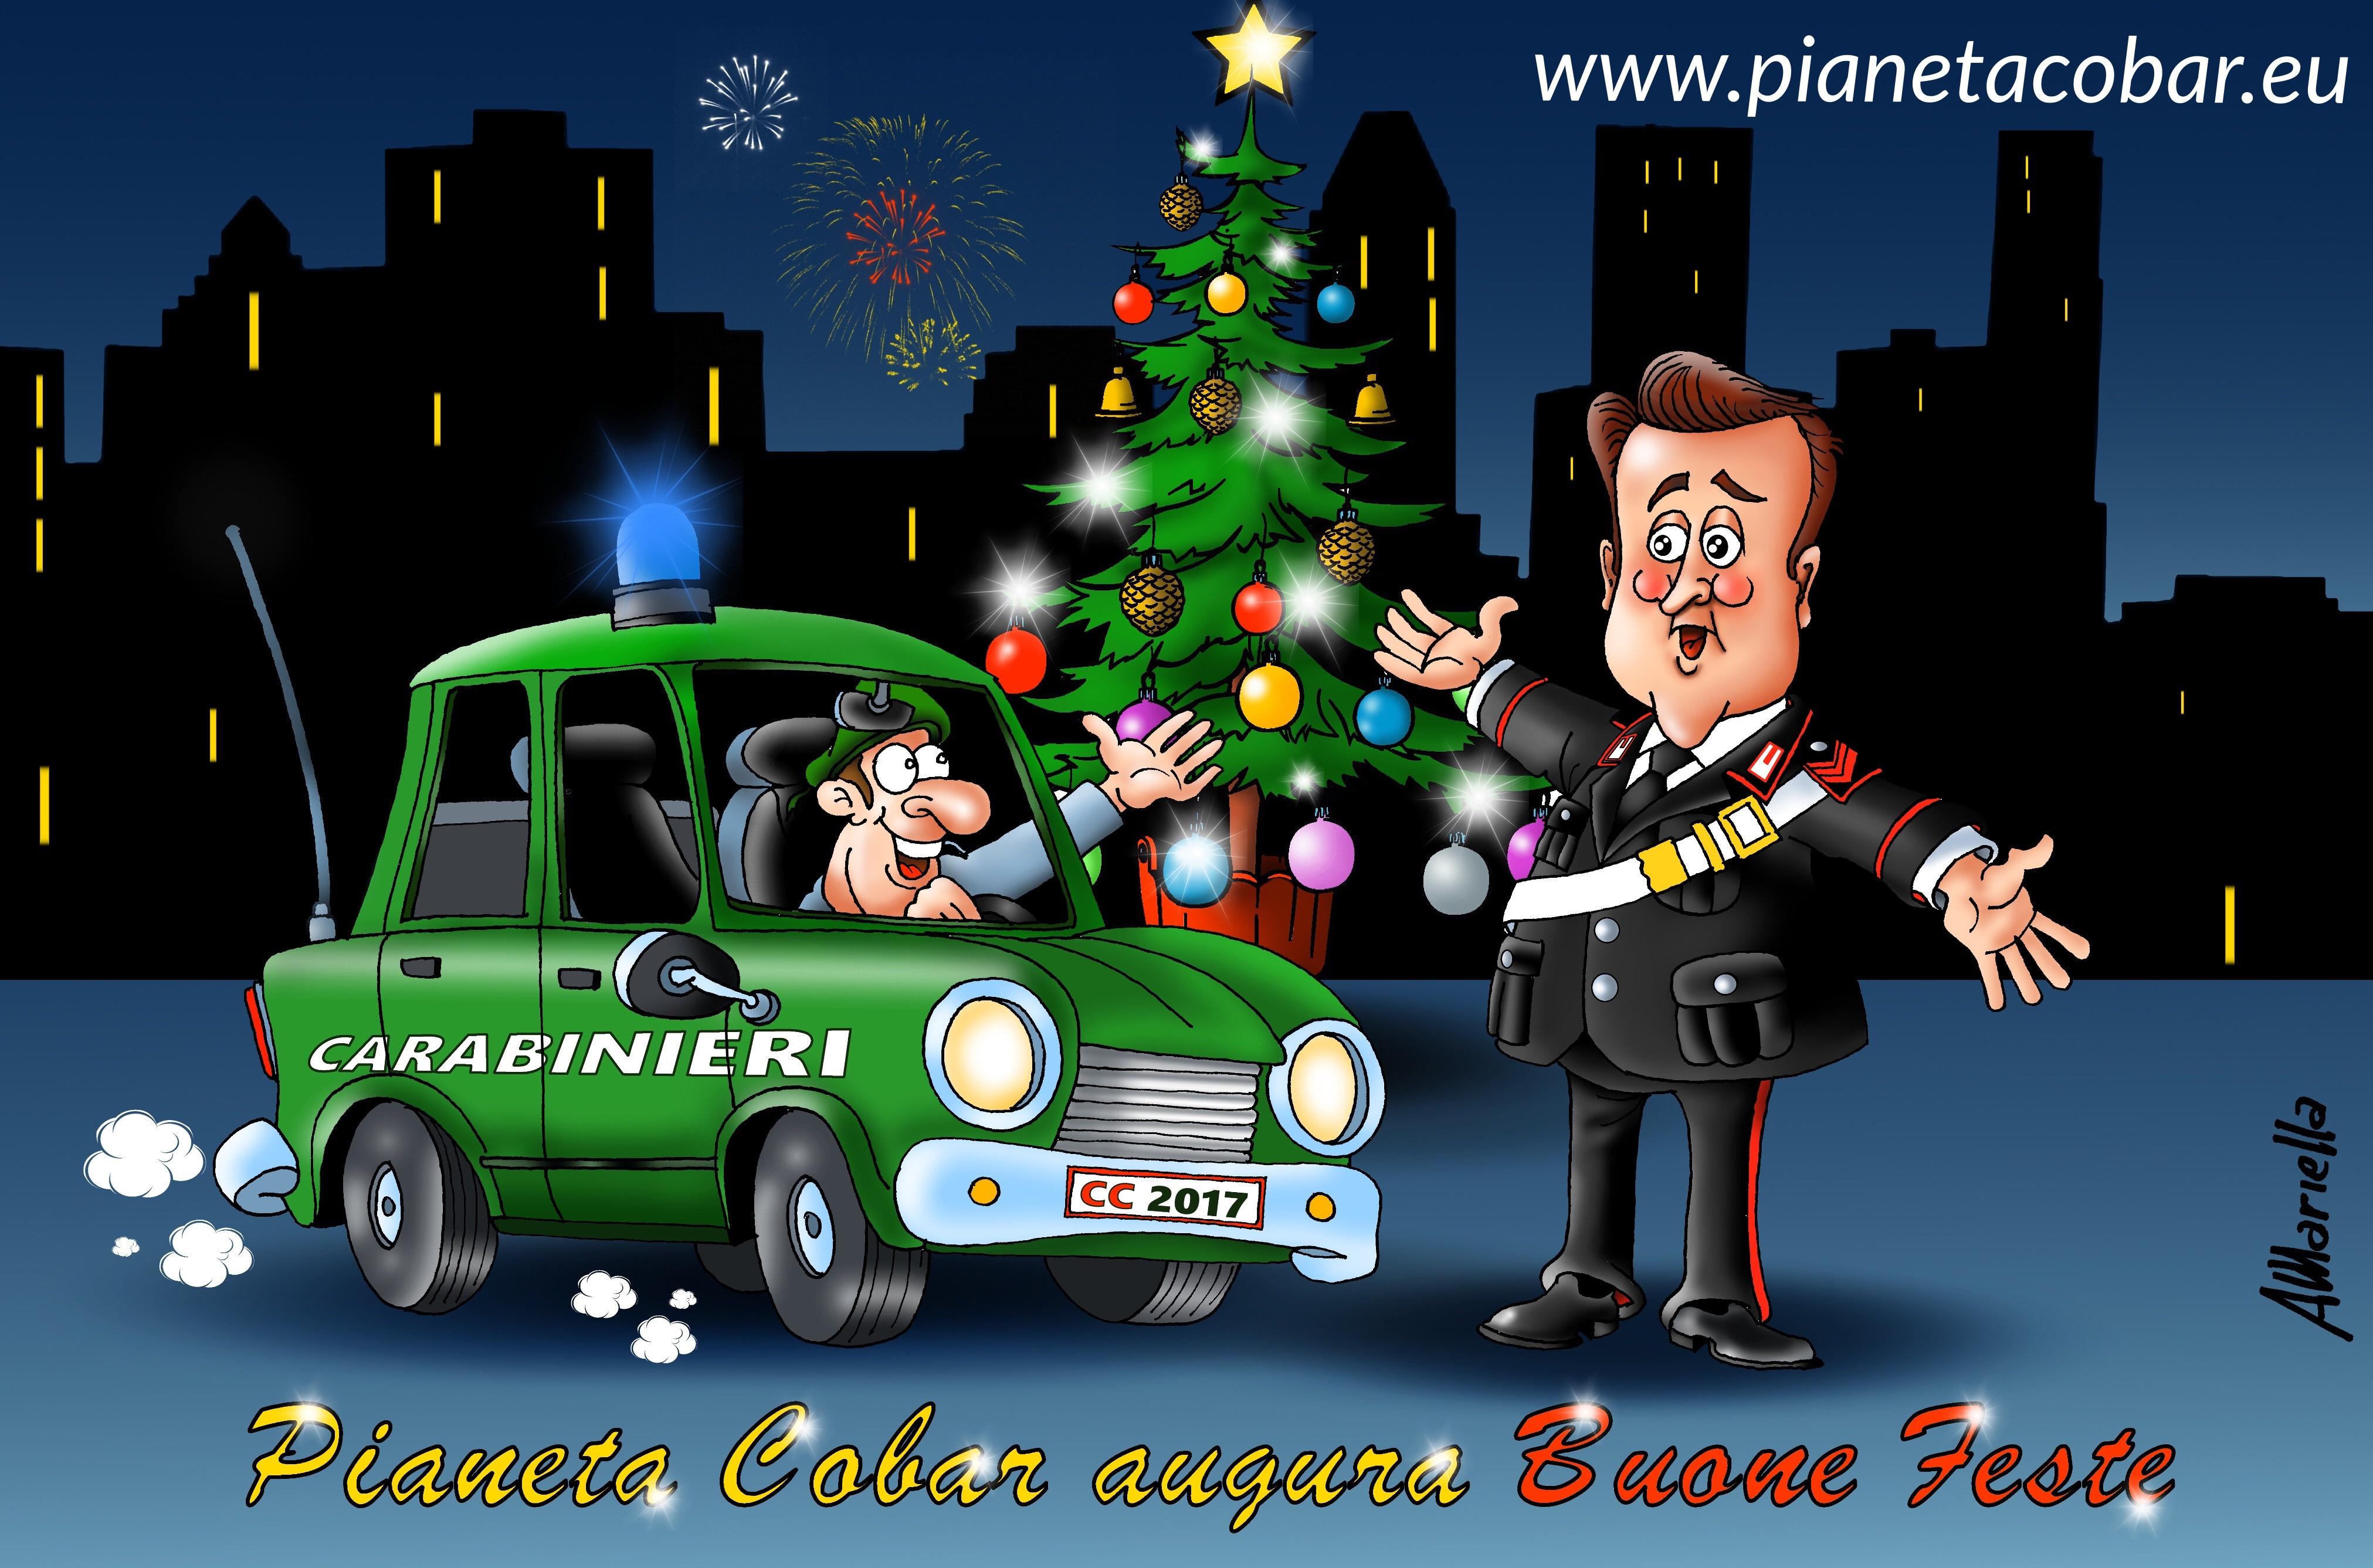 Buon Natale Italia.Buon Natale Ai Carabinieri D Italia Buon Natale A Chi In Divisa Nera A Bande A Strisce Rosse Anche In Questi Giorni Garantisce L Ordine E La Sicurezza Delle Comunita Nostro Paese News